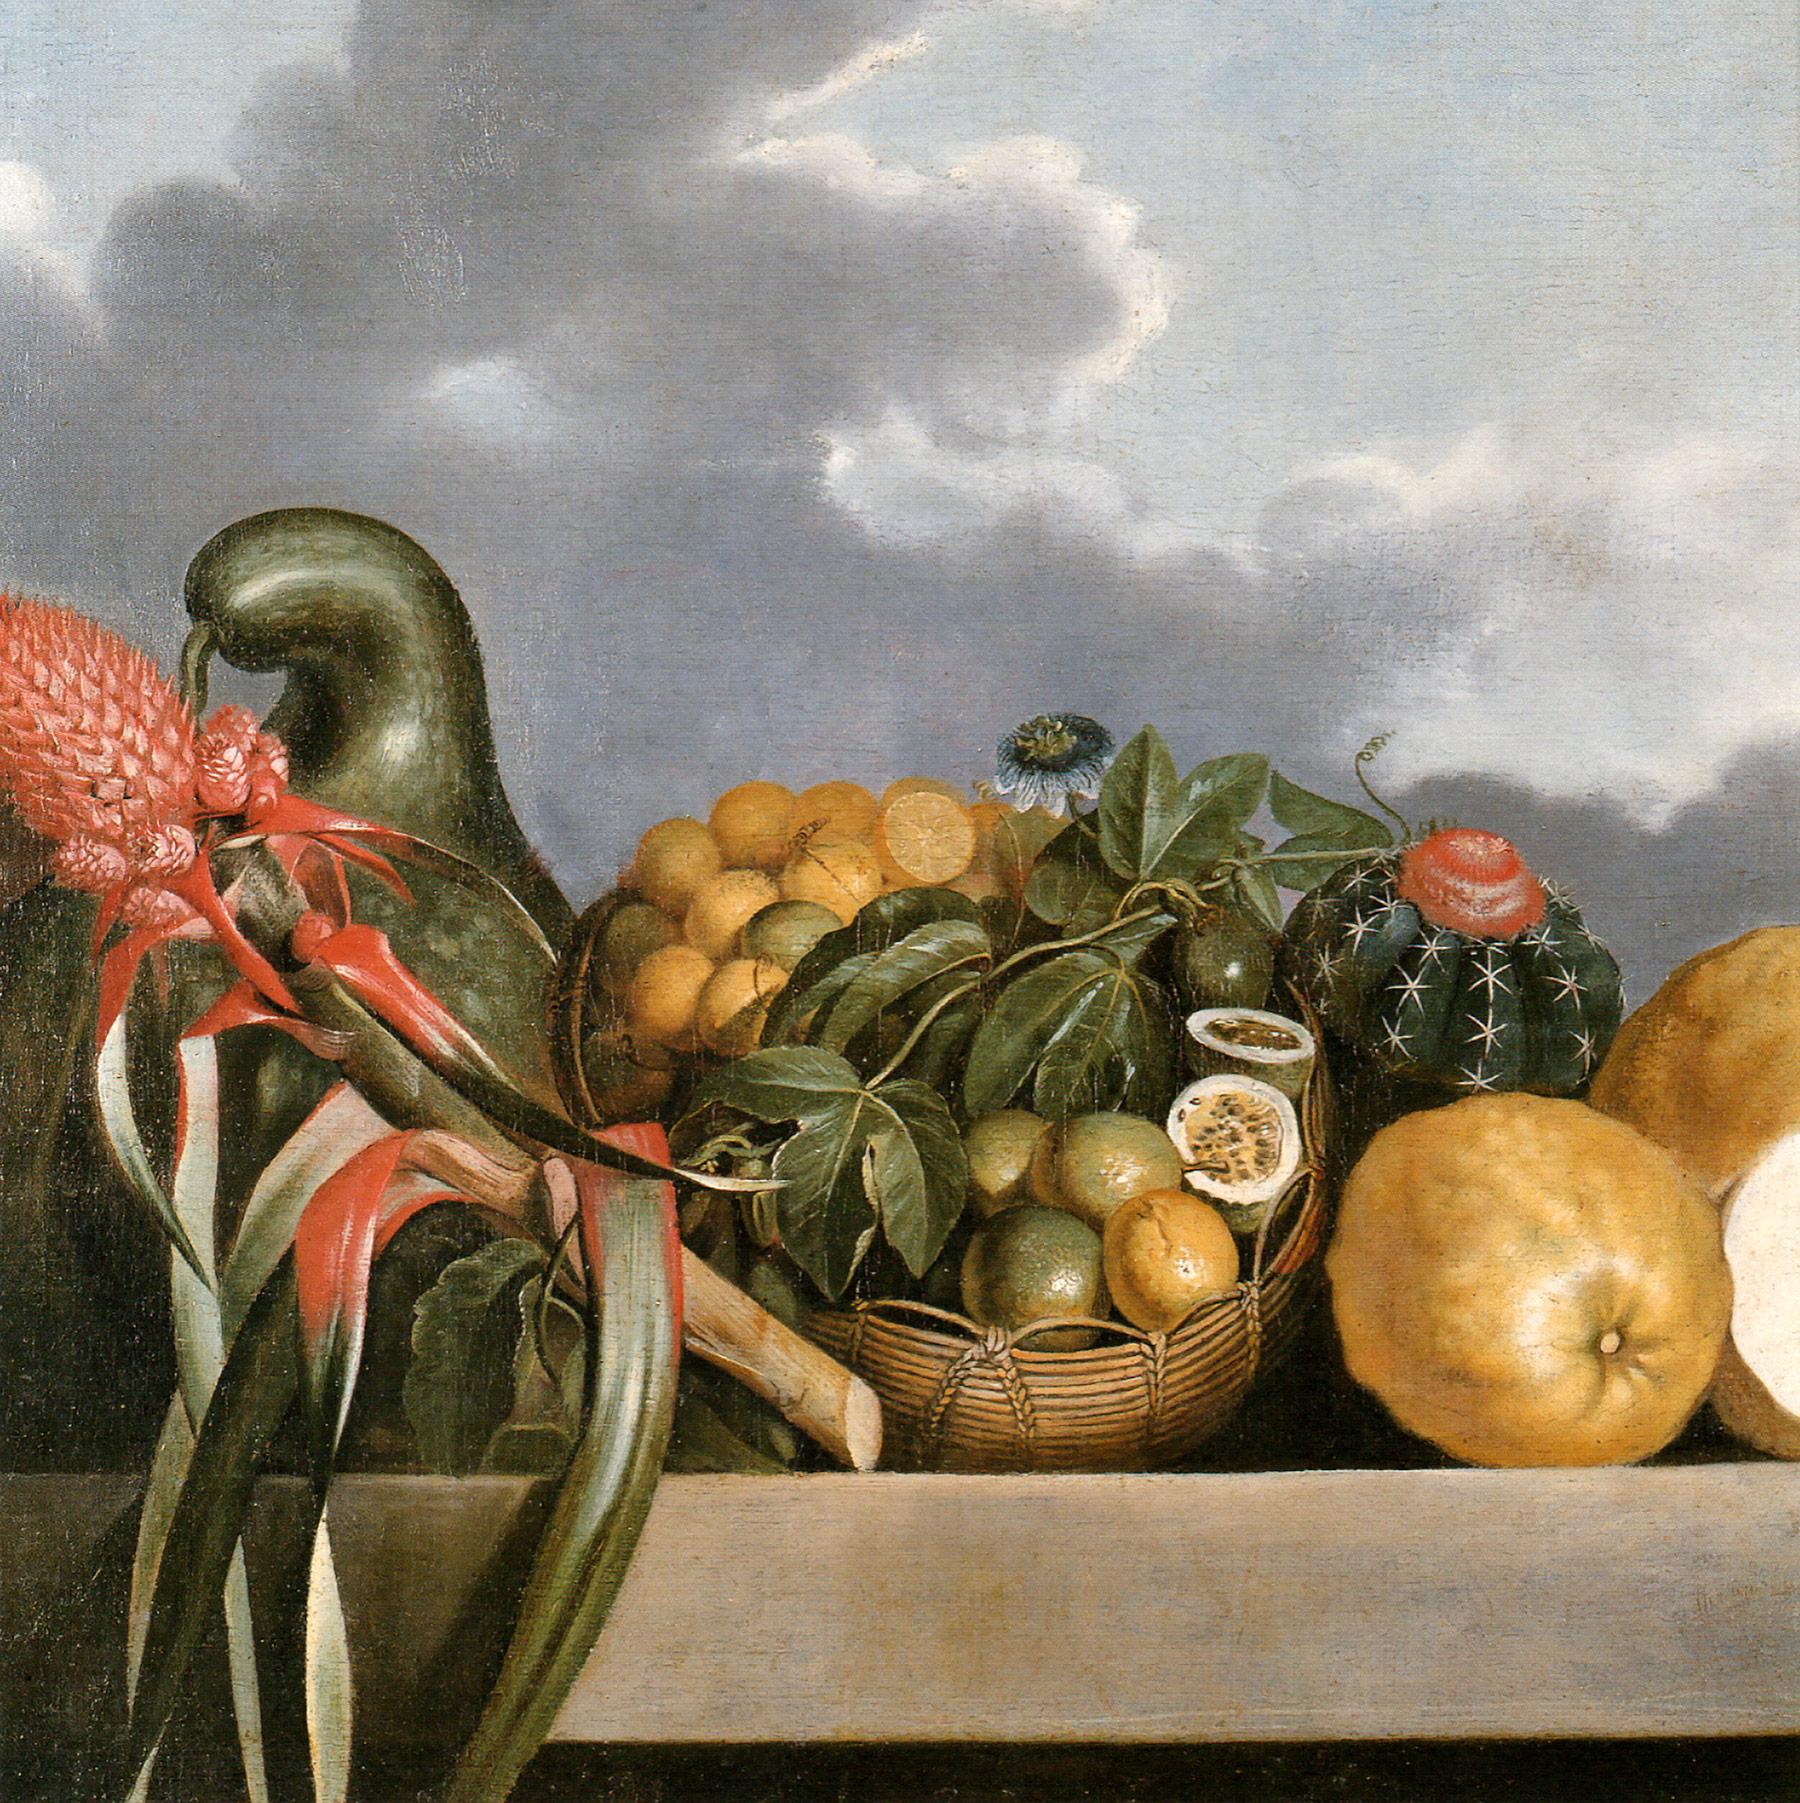 File:Albert Eckhout - Cabaça, Frutas Cítricas e Cacto.jpg